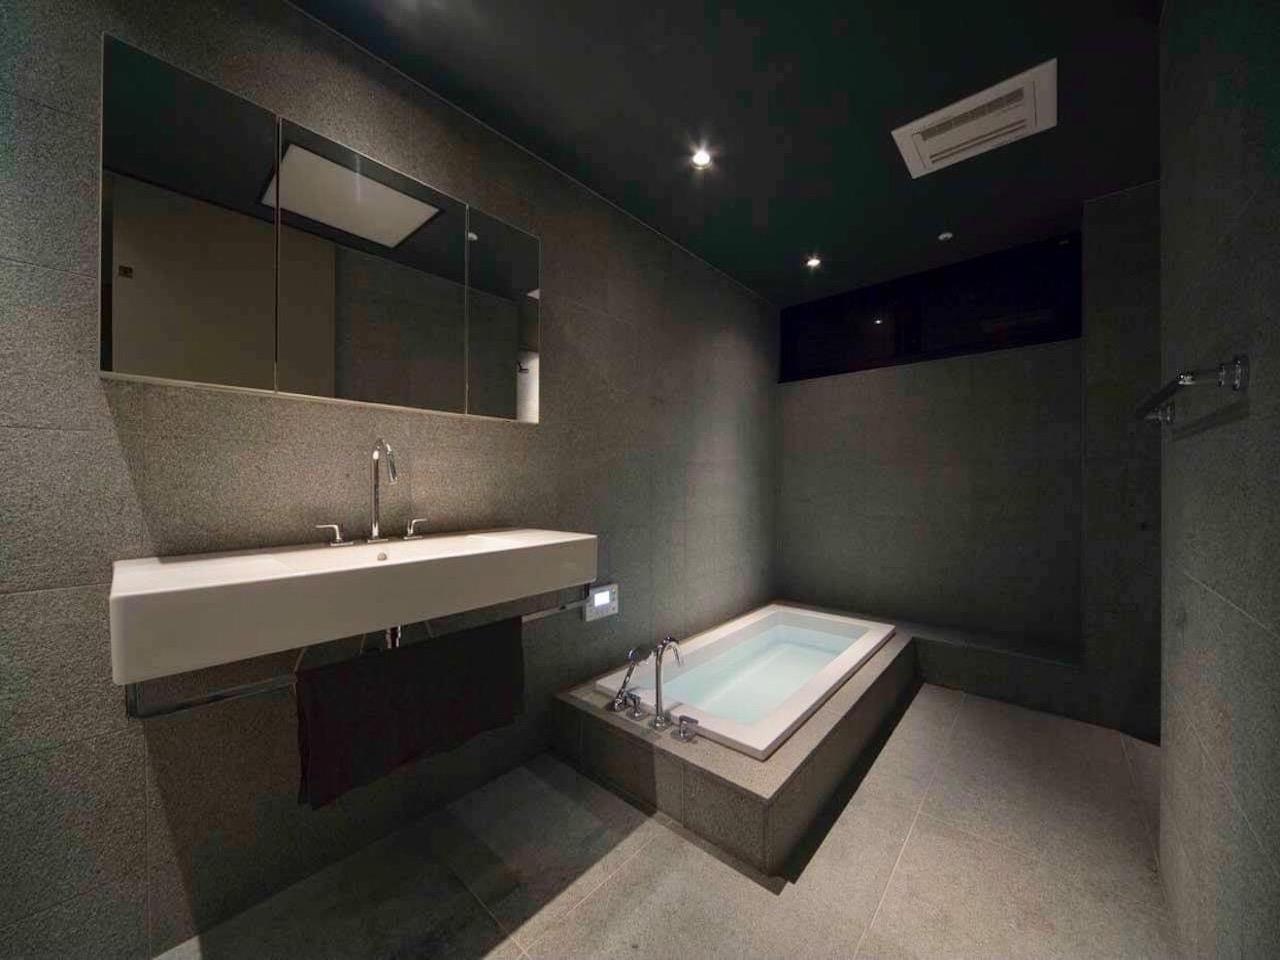 浴室洗面所。無駄のなく洗練されて美しい。